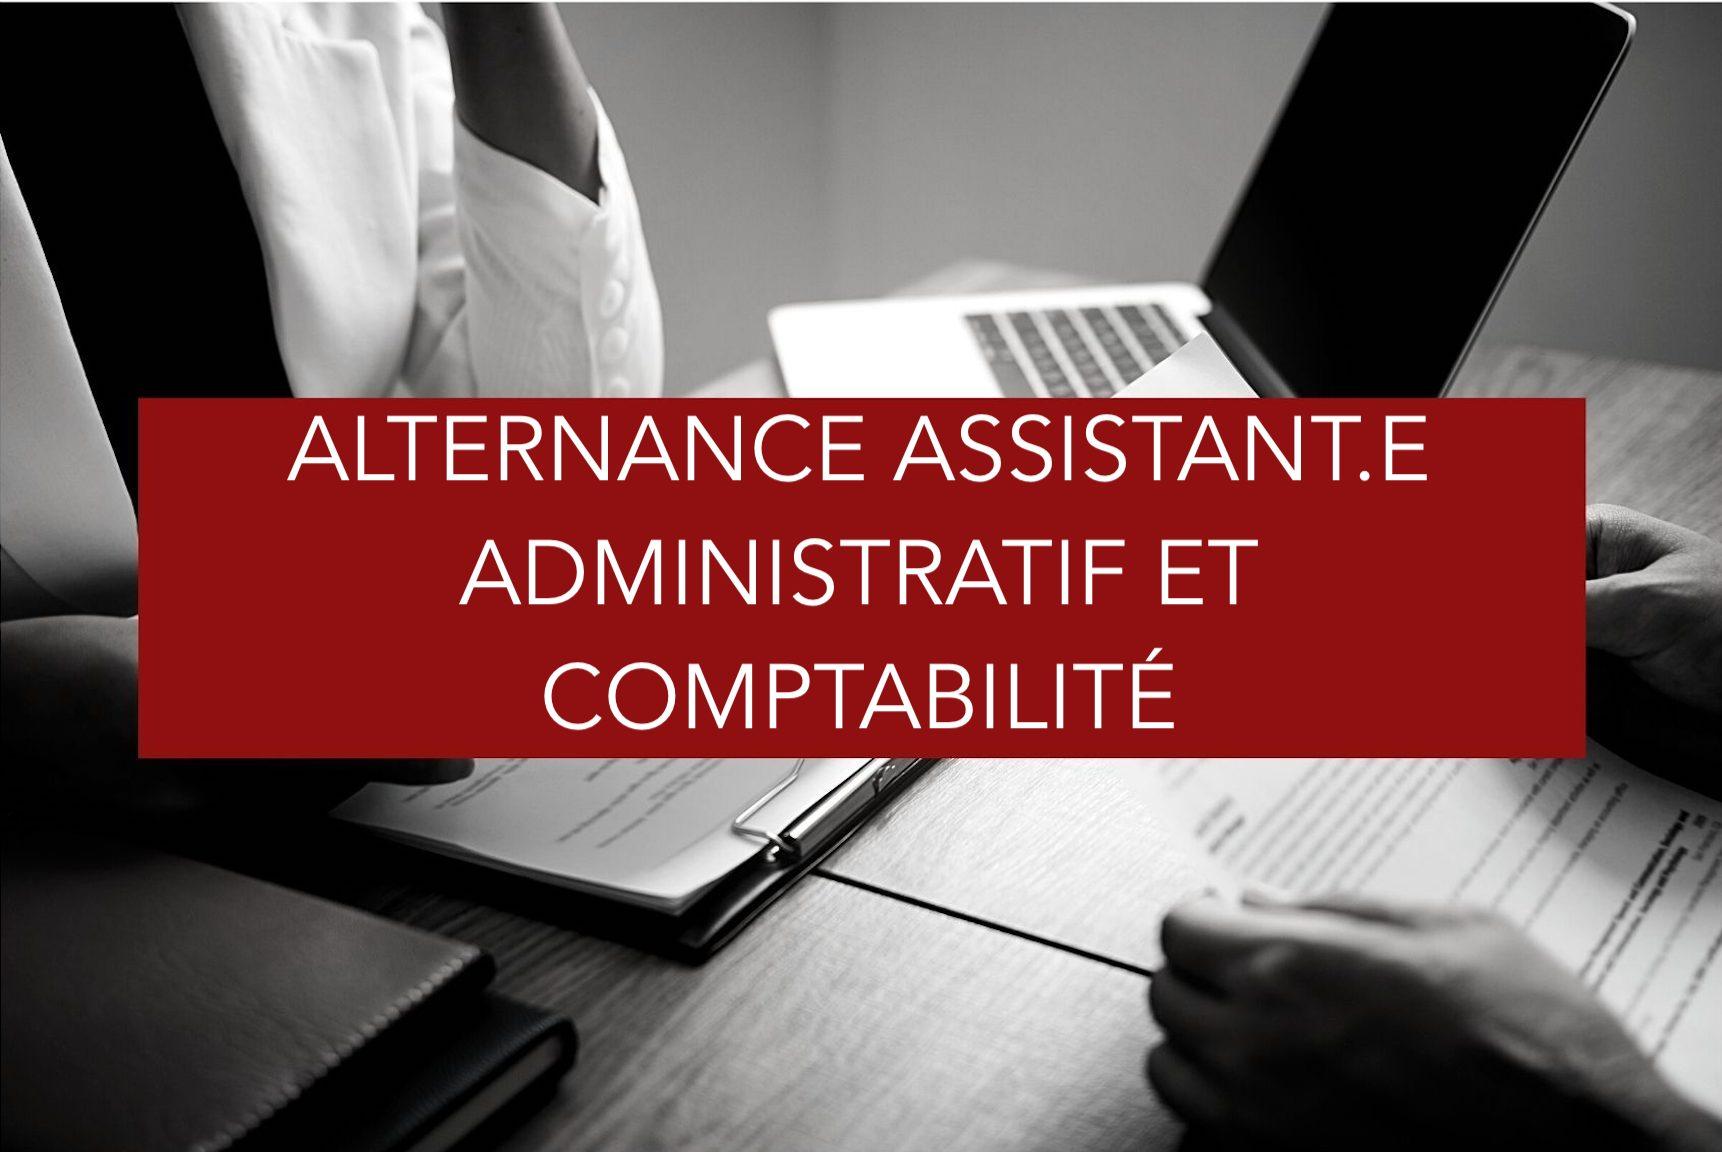 Alternance Assistant.e Administratif et Comptabilité - Arioneo